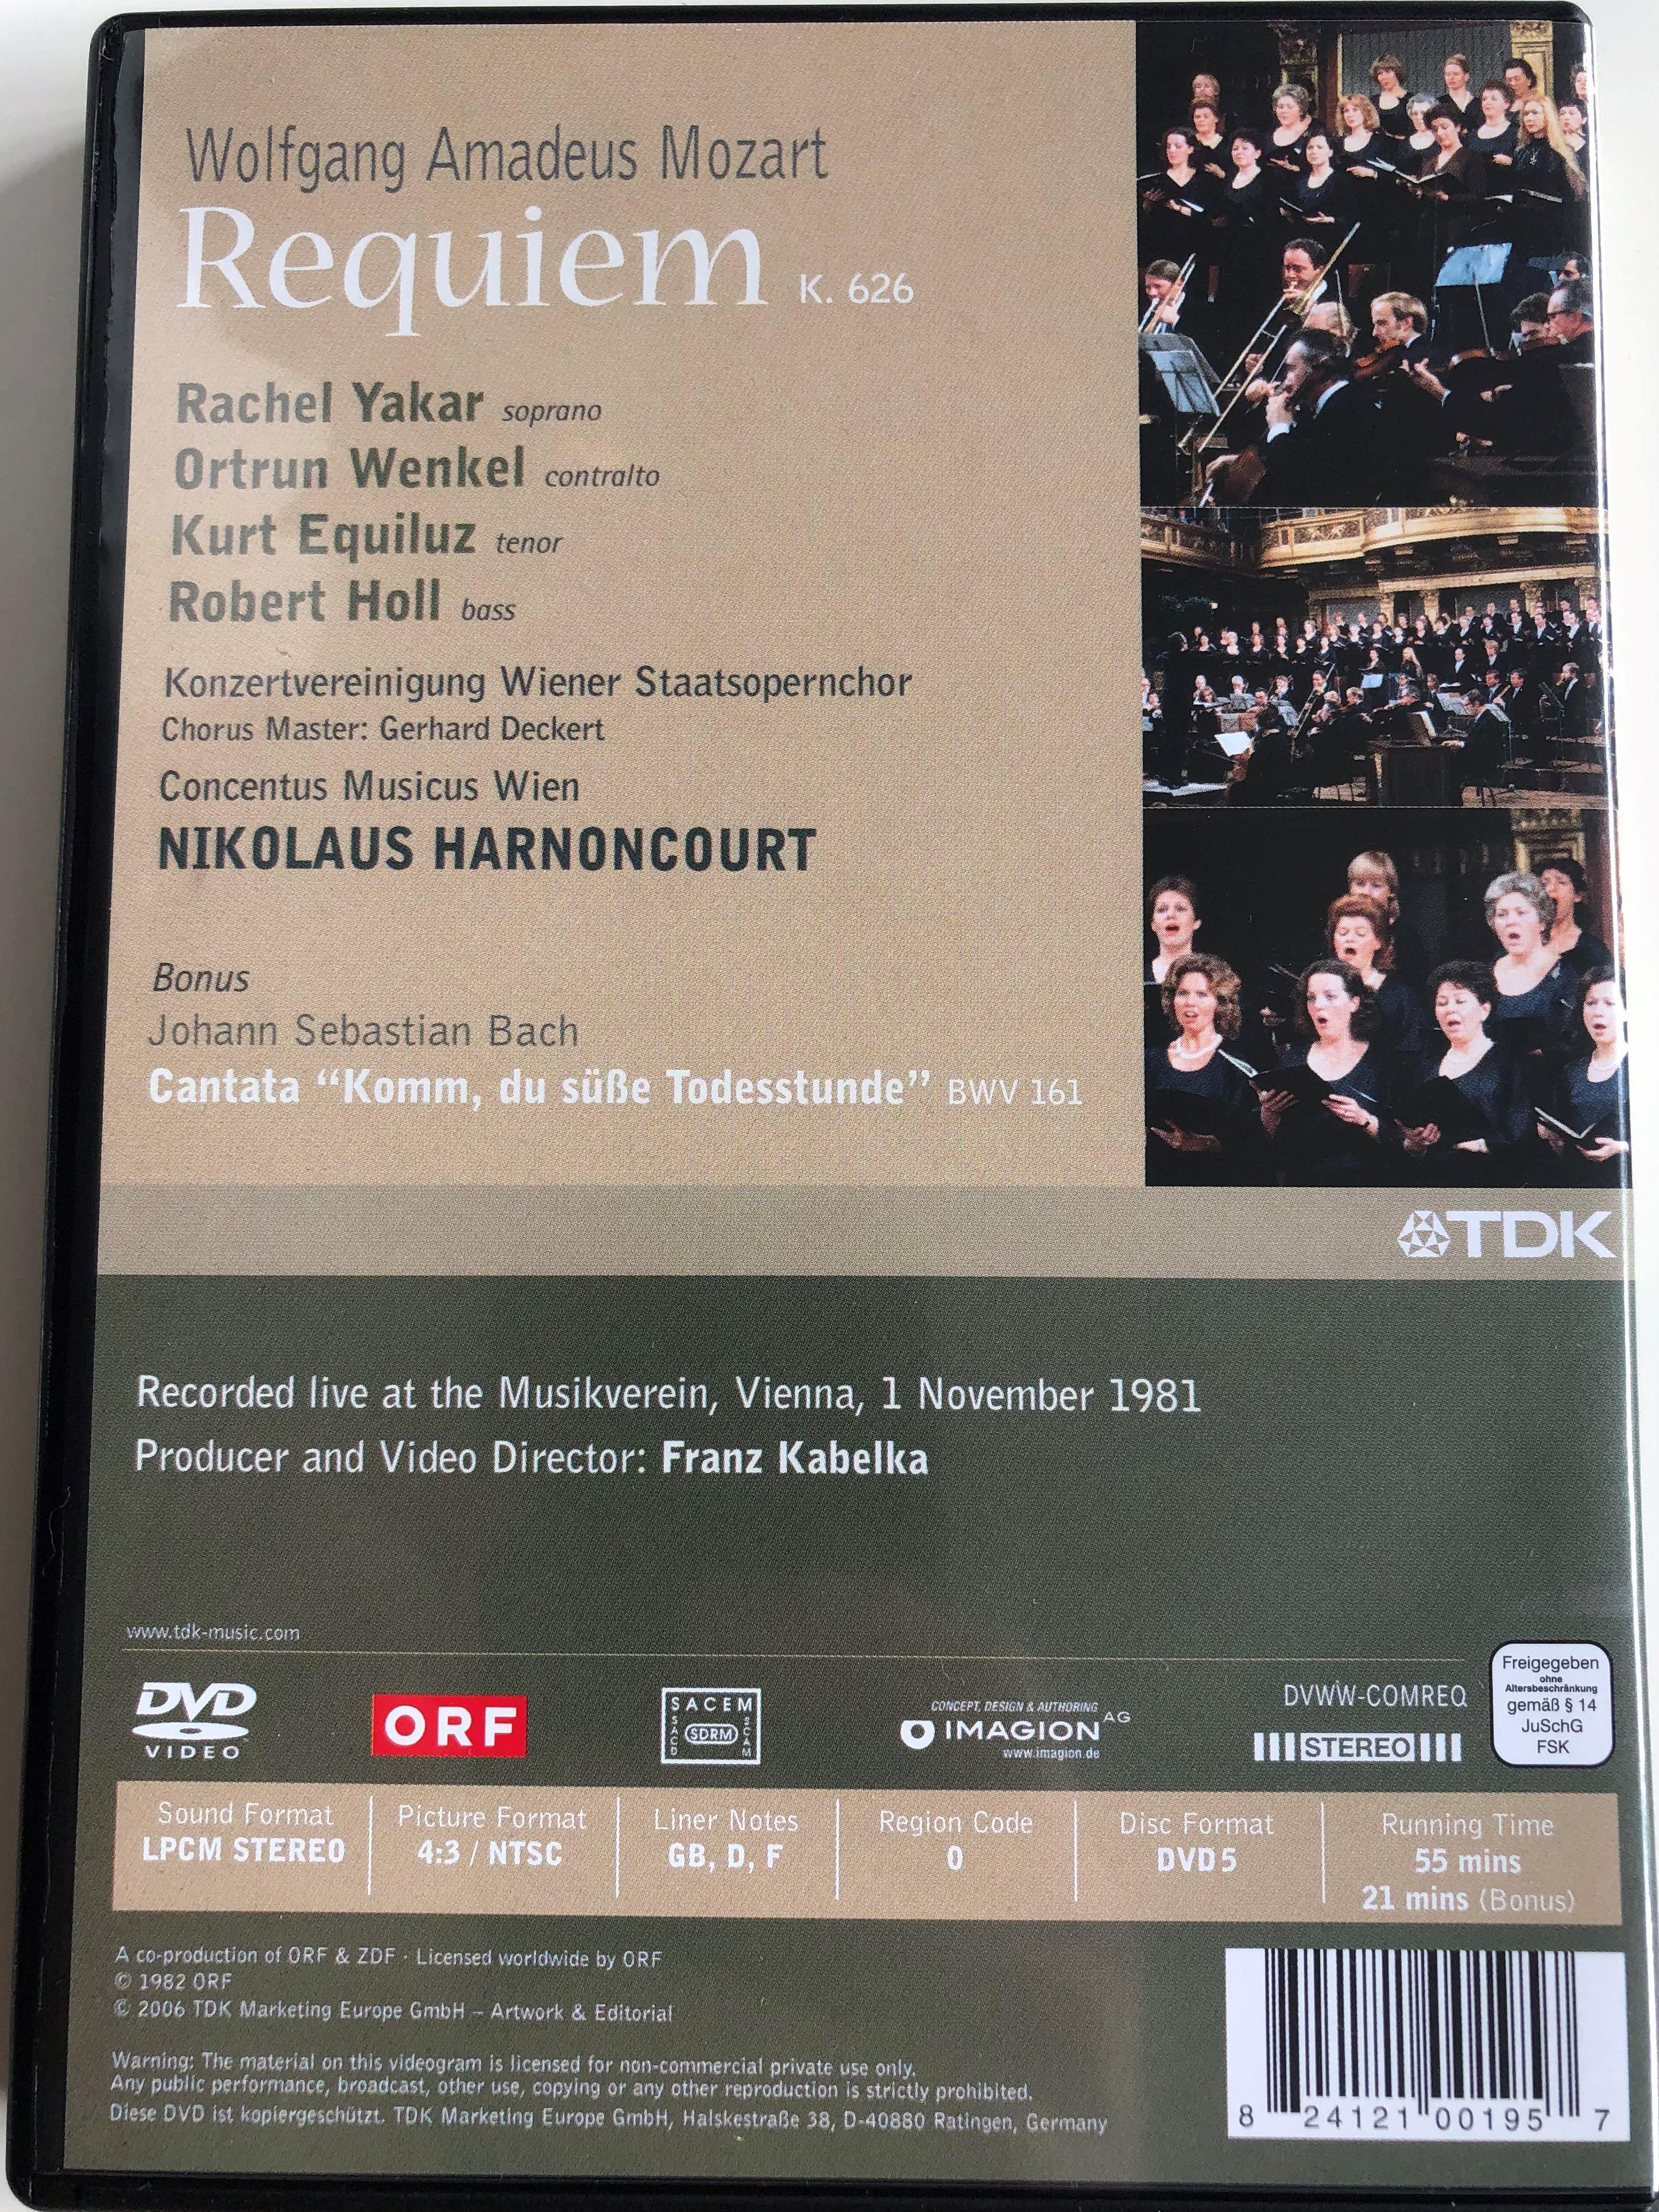 wolfgang-amadeus-mozart-requiem-dvd-2006-rachel-yakar-soprano-ortrun-wenkel-contralto-kurt-equiluz-tenor-robert-holl-bass-vienna-state-opera-choir-concentus-musicus-wien-nikolaus-harnocourt-live-recording-from-19.jpg